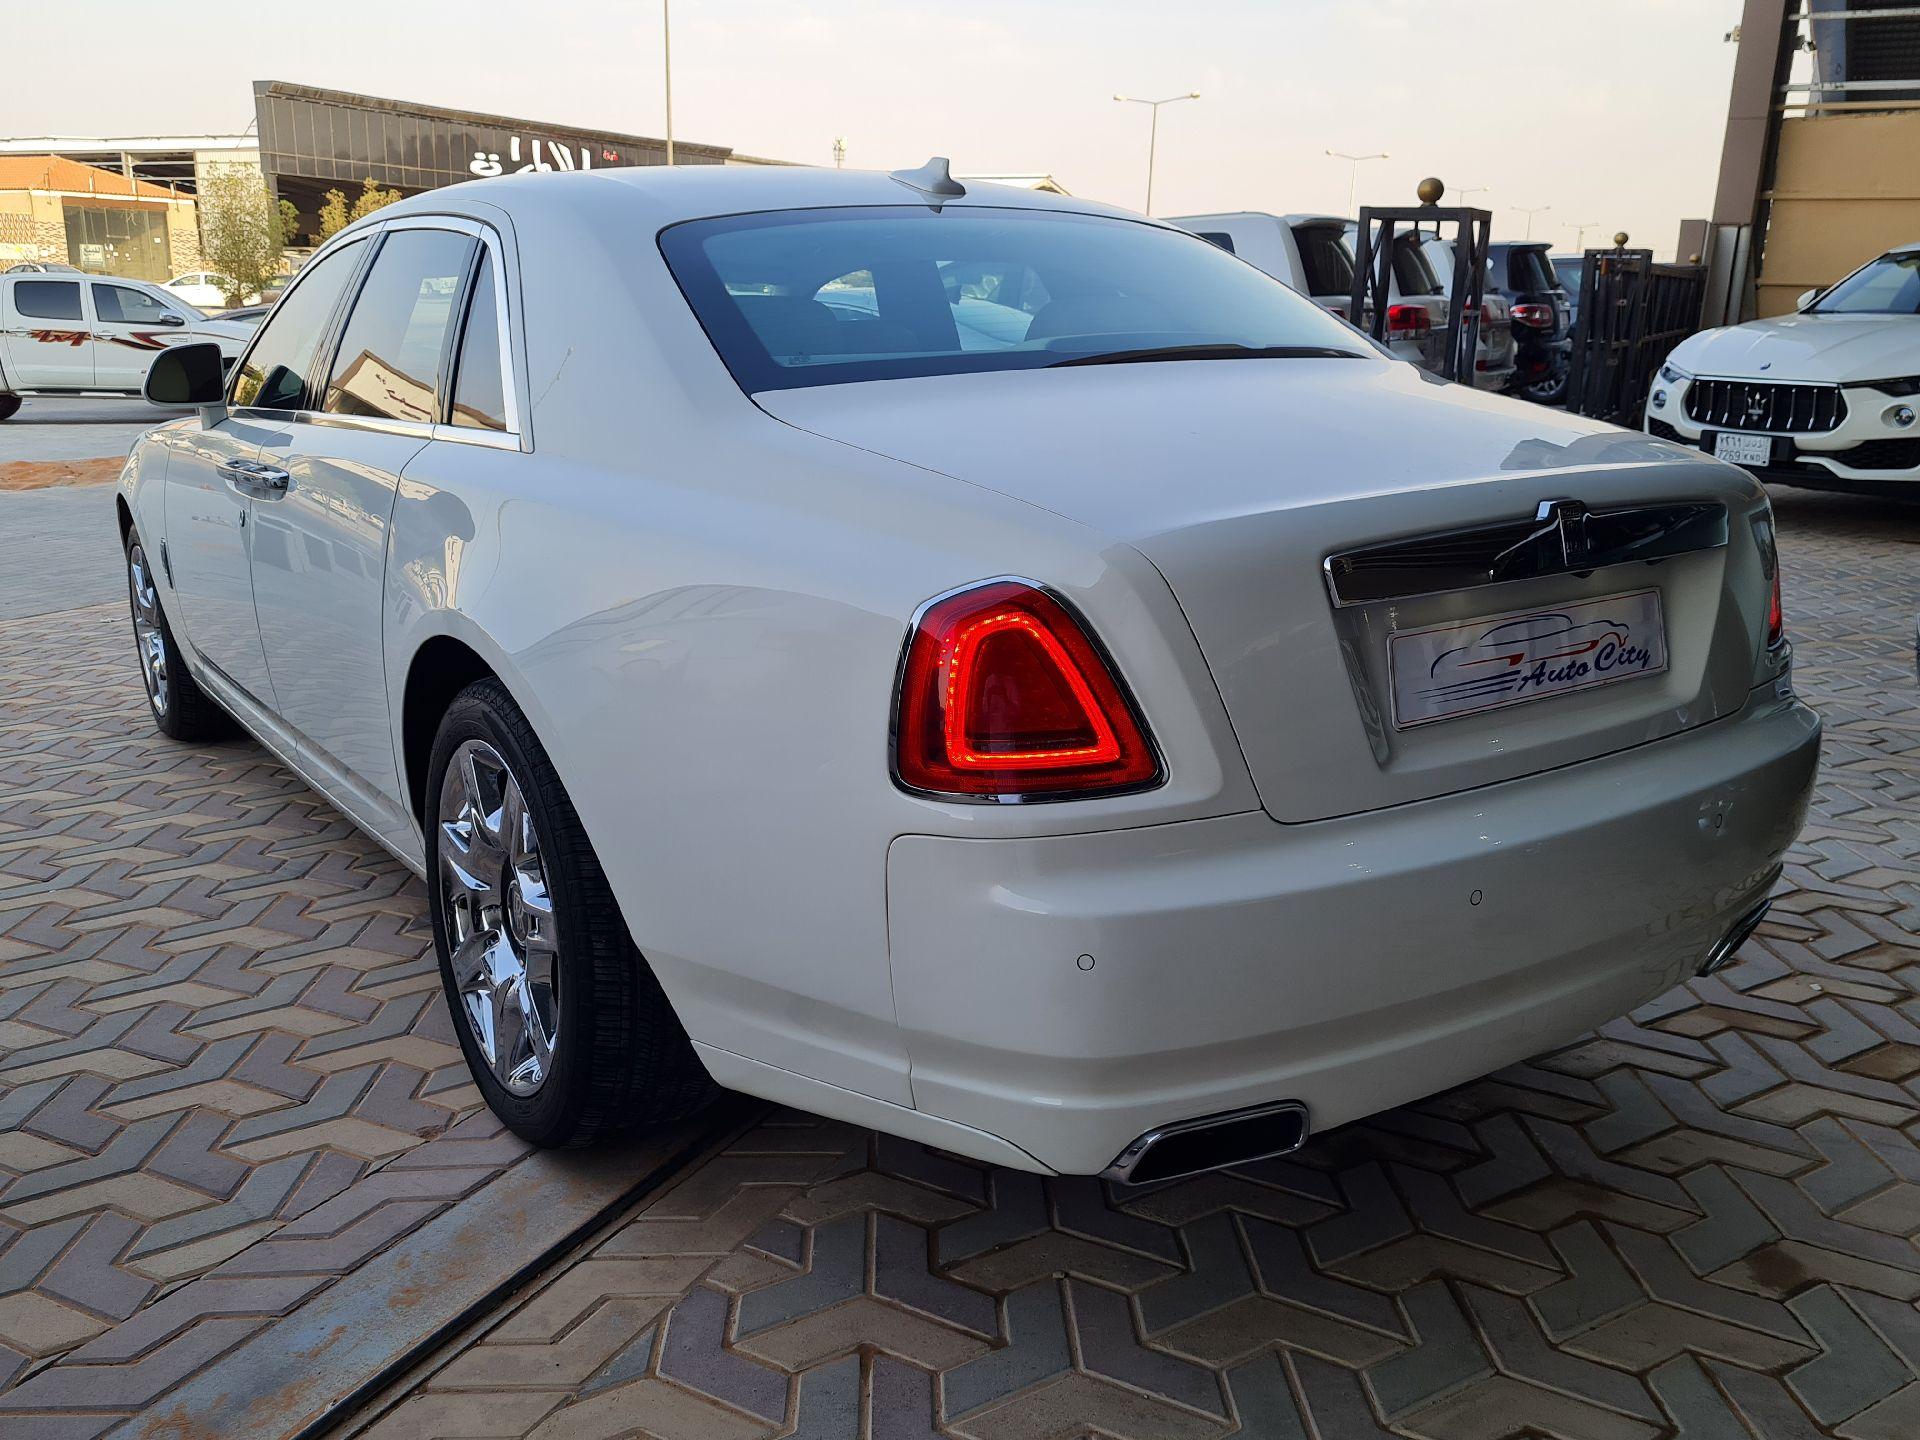 مباع - رولز رویس غوست 2013  سعودي للبيع في الرياض - السعودية - صورة كبيرة - 6